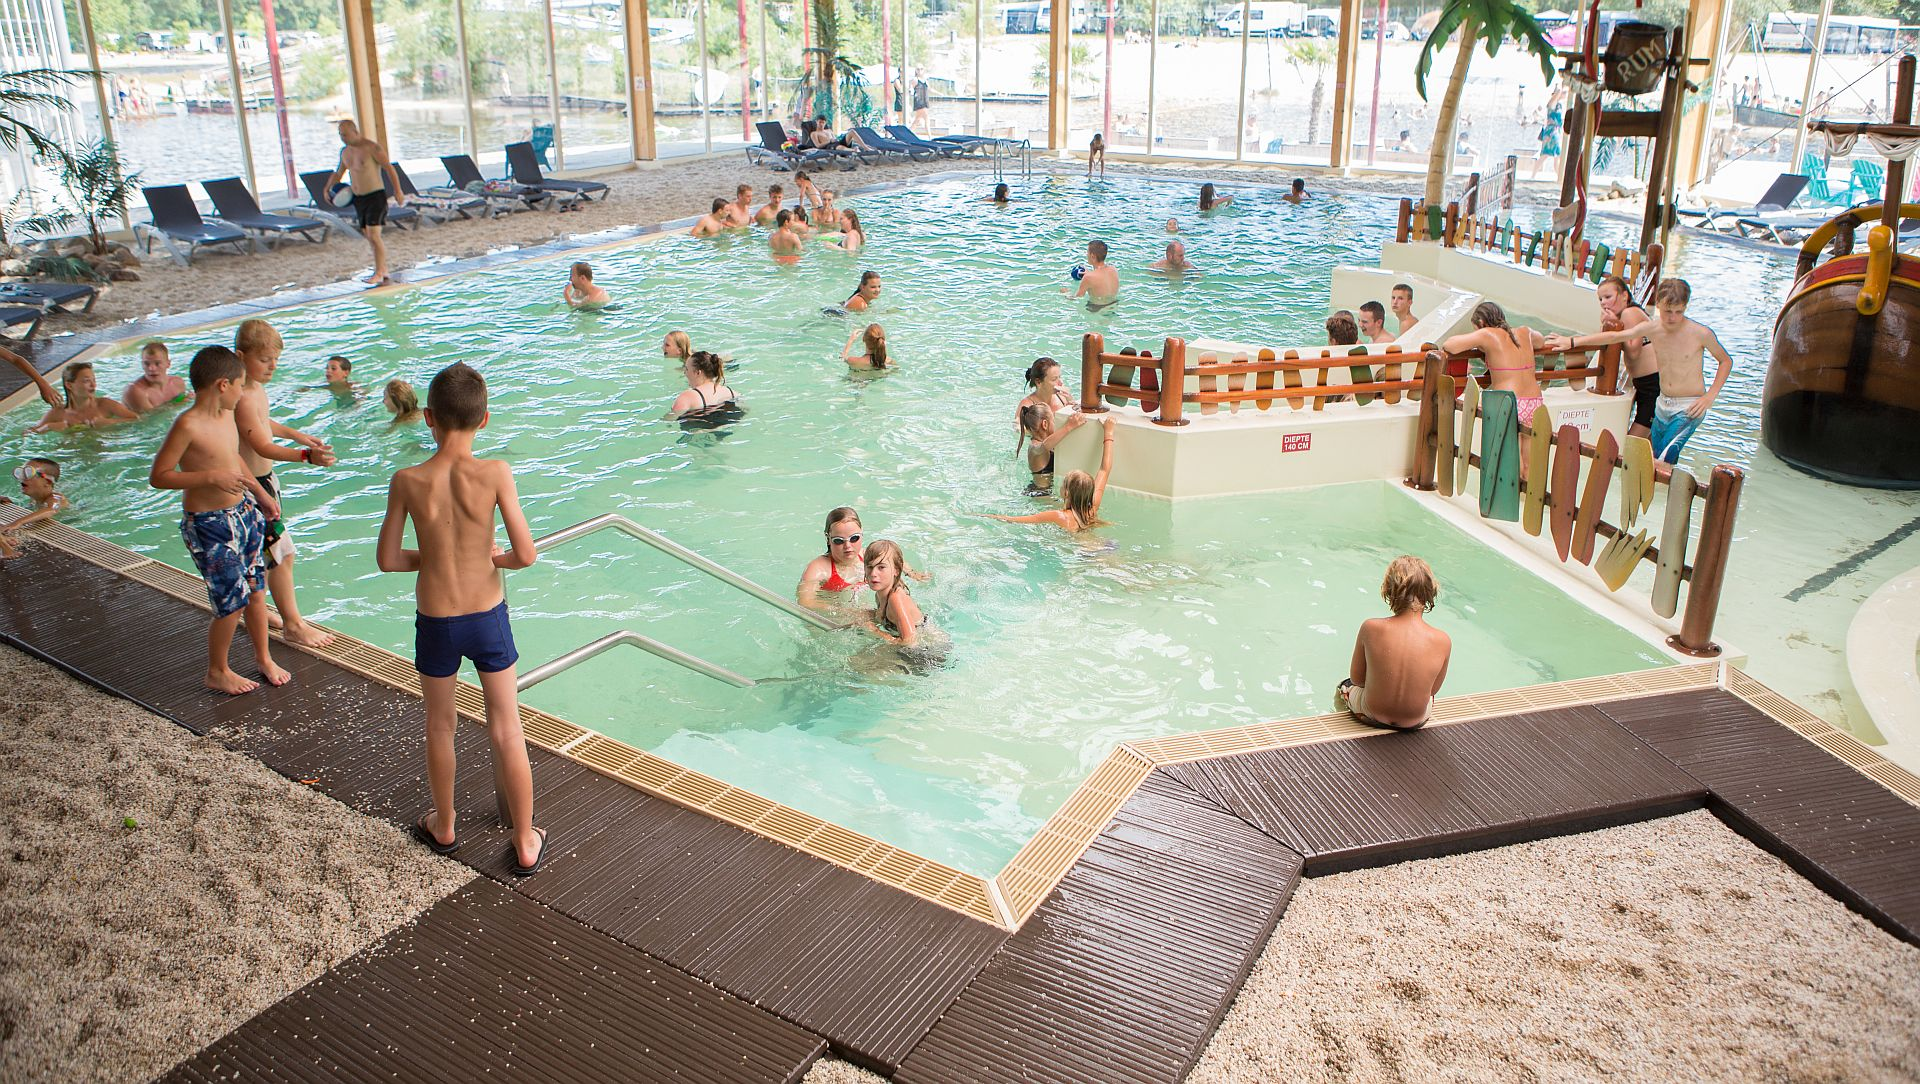 Osterurlaub auf 5 Sterne Ferienpark Het Stoetenslagh - Osterurlaub